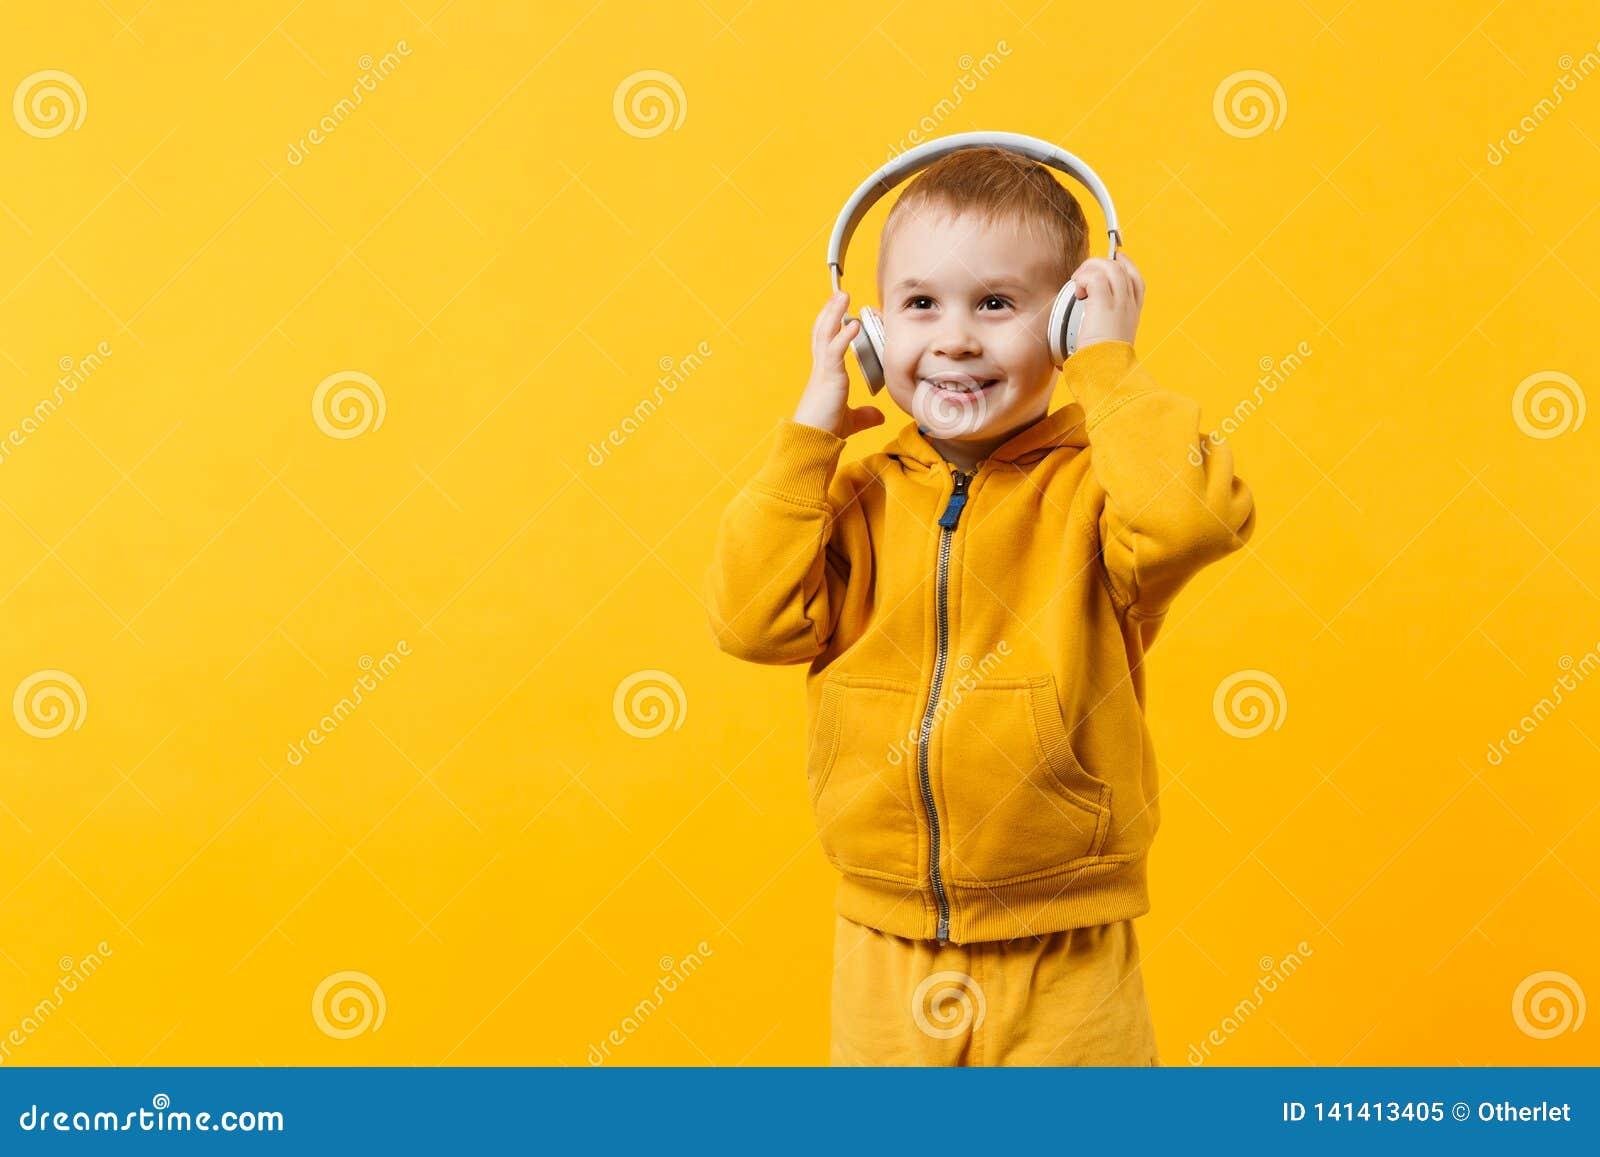 Pojke för liten unge 3-4 år gammal bärande gul kläder i hörlurar som isoleras på orange väggbakgrund, barnstudio